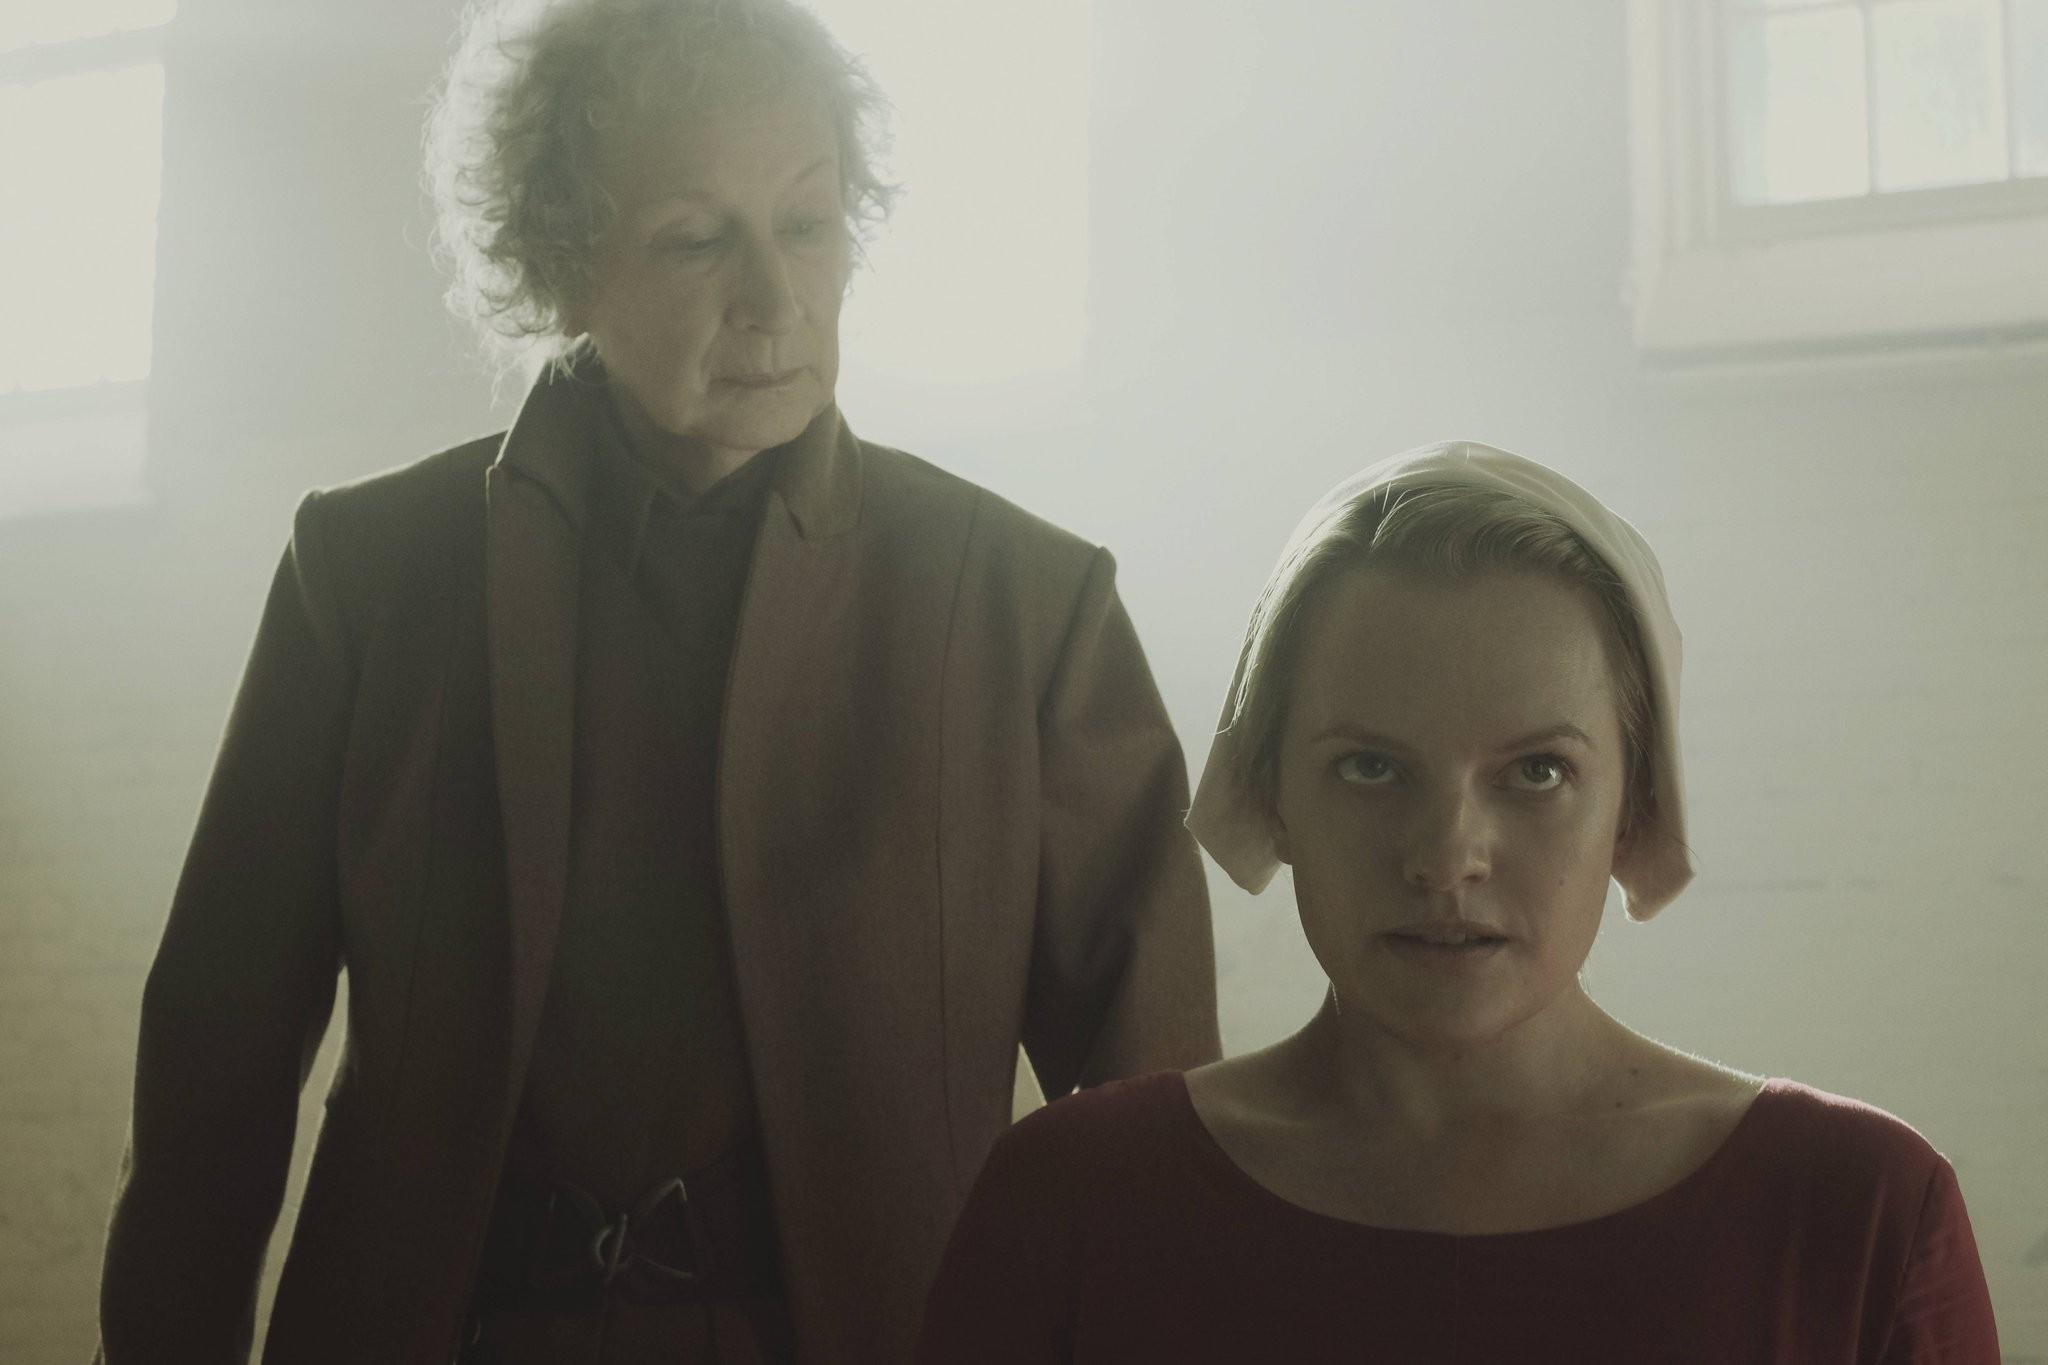 Margaret Atwood em cena da série The Handmaid's Tale (Foto: Divulgação)